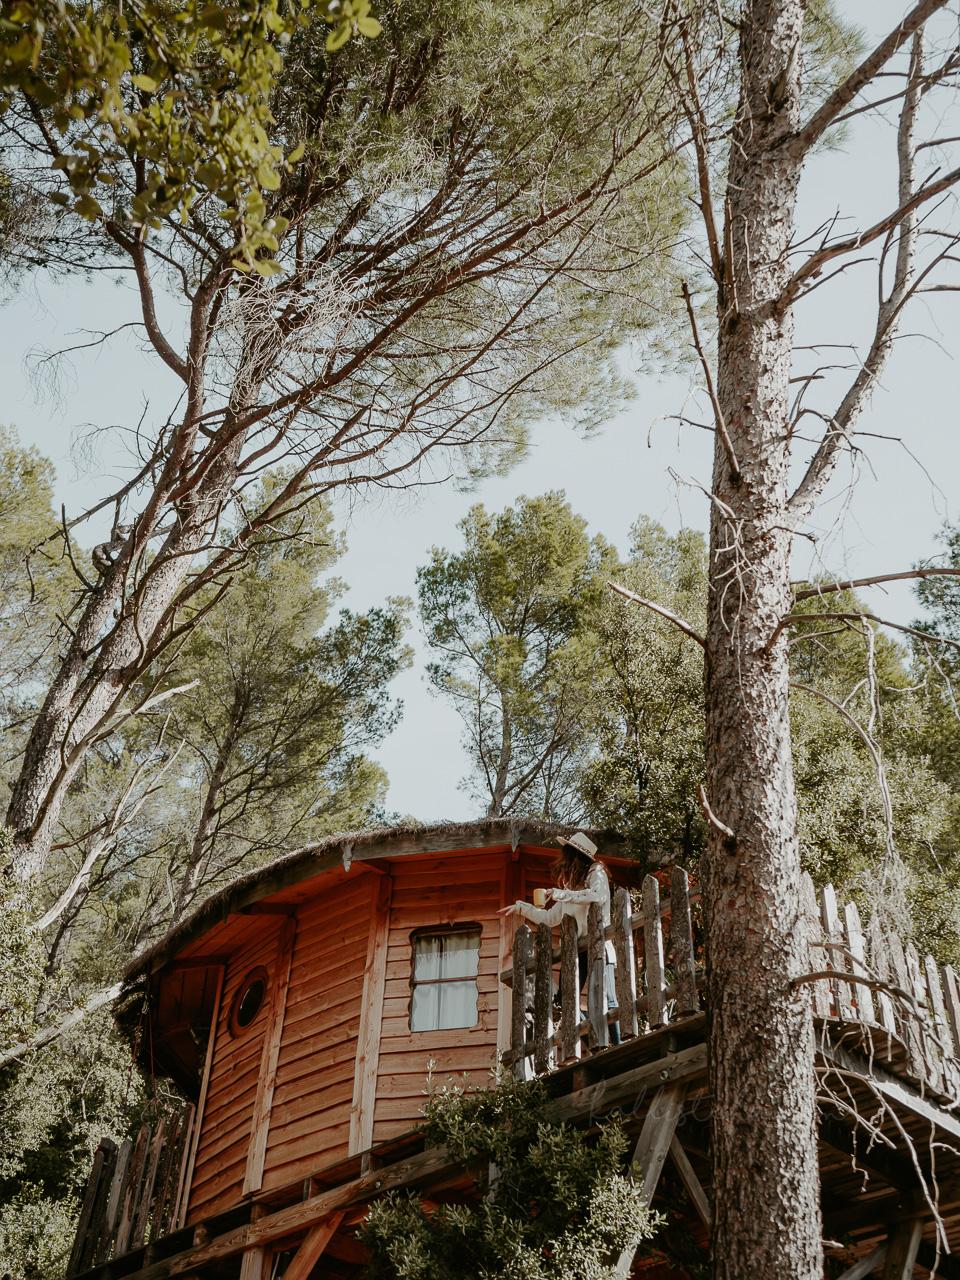 Parenthèse insolite dans le var sur la Côte d'Azur, ou comment dormir dans les arbres, perché en haut d'une cabane en bois ! Dépaysement nature garanti - Kallisteha, voyages et vérités